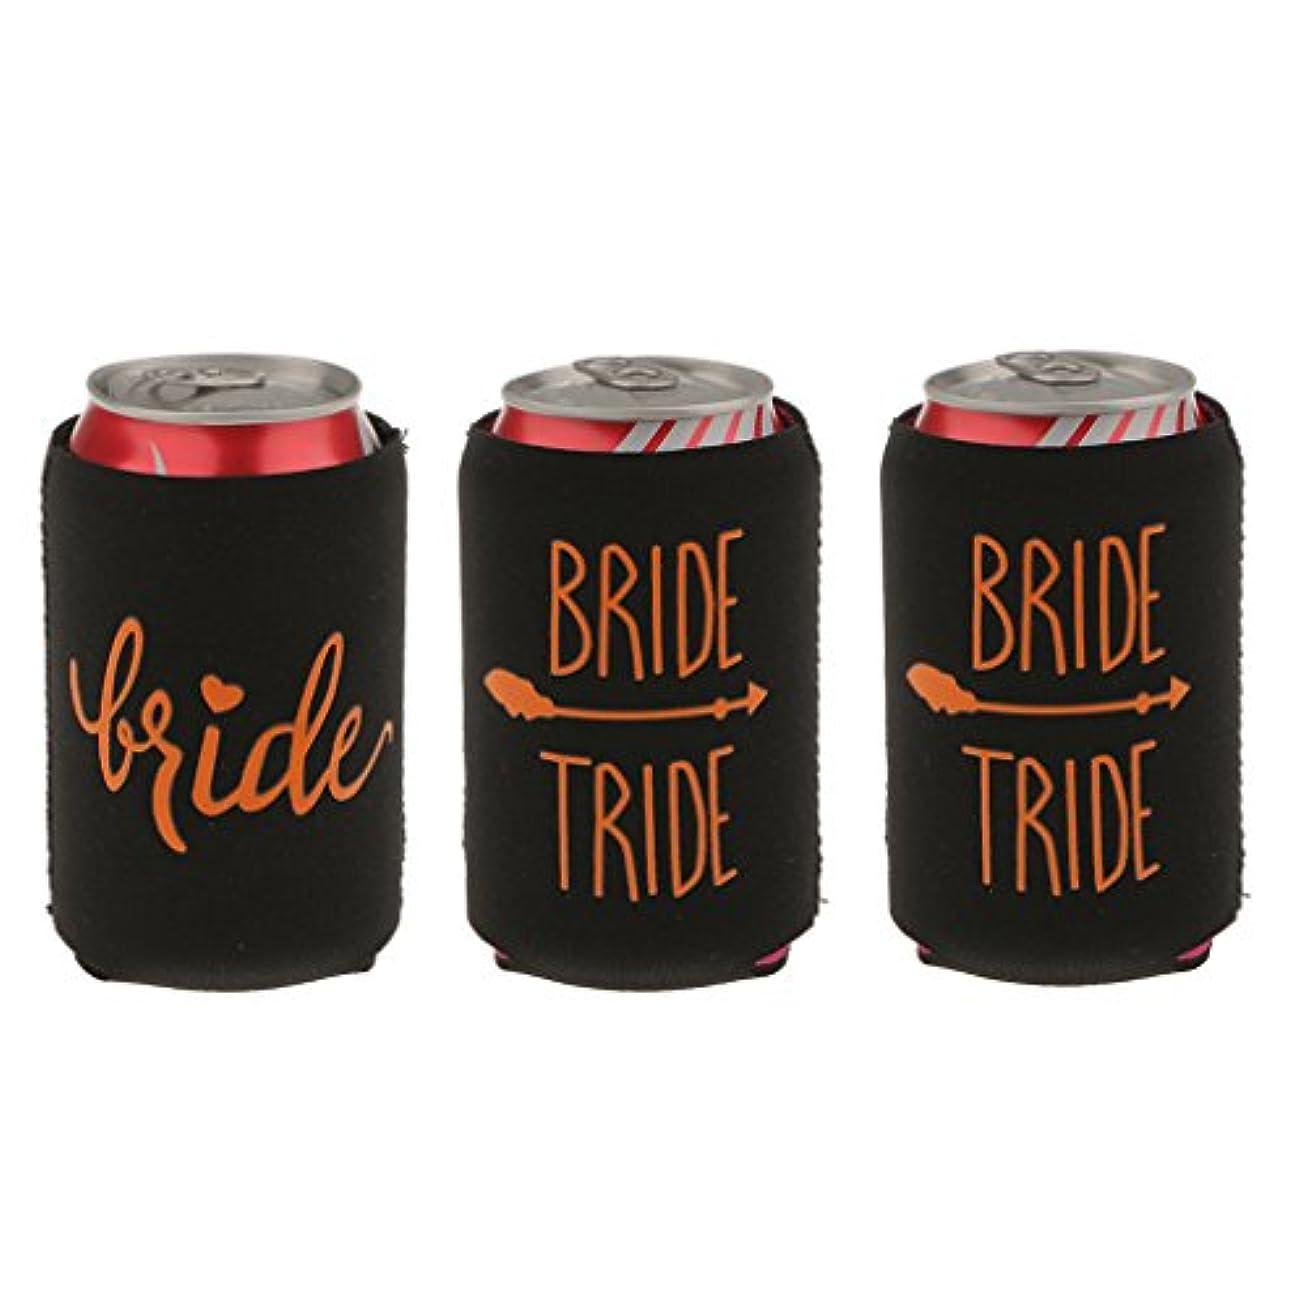 応答絶望的な論争の的3枚セット 缶クーラー スリーブ カバー 缶クージー スズ 保冷 保温 ビール コーヒー ネオプレン